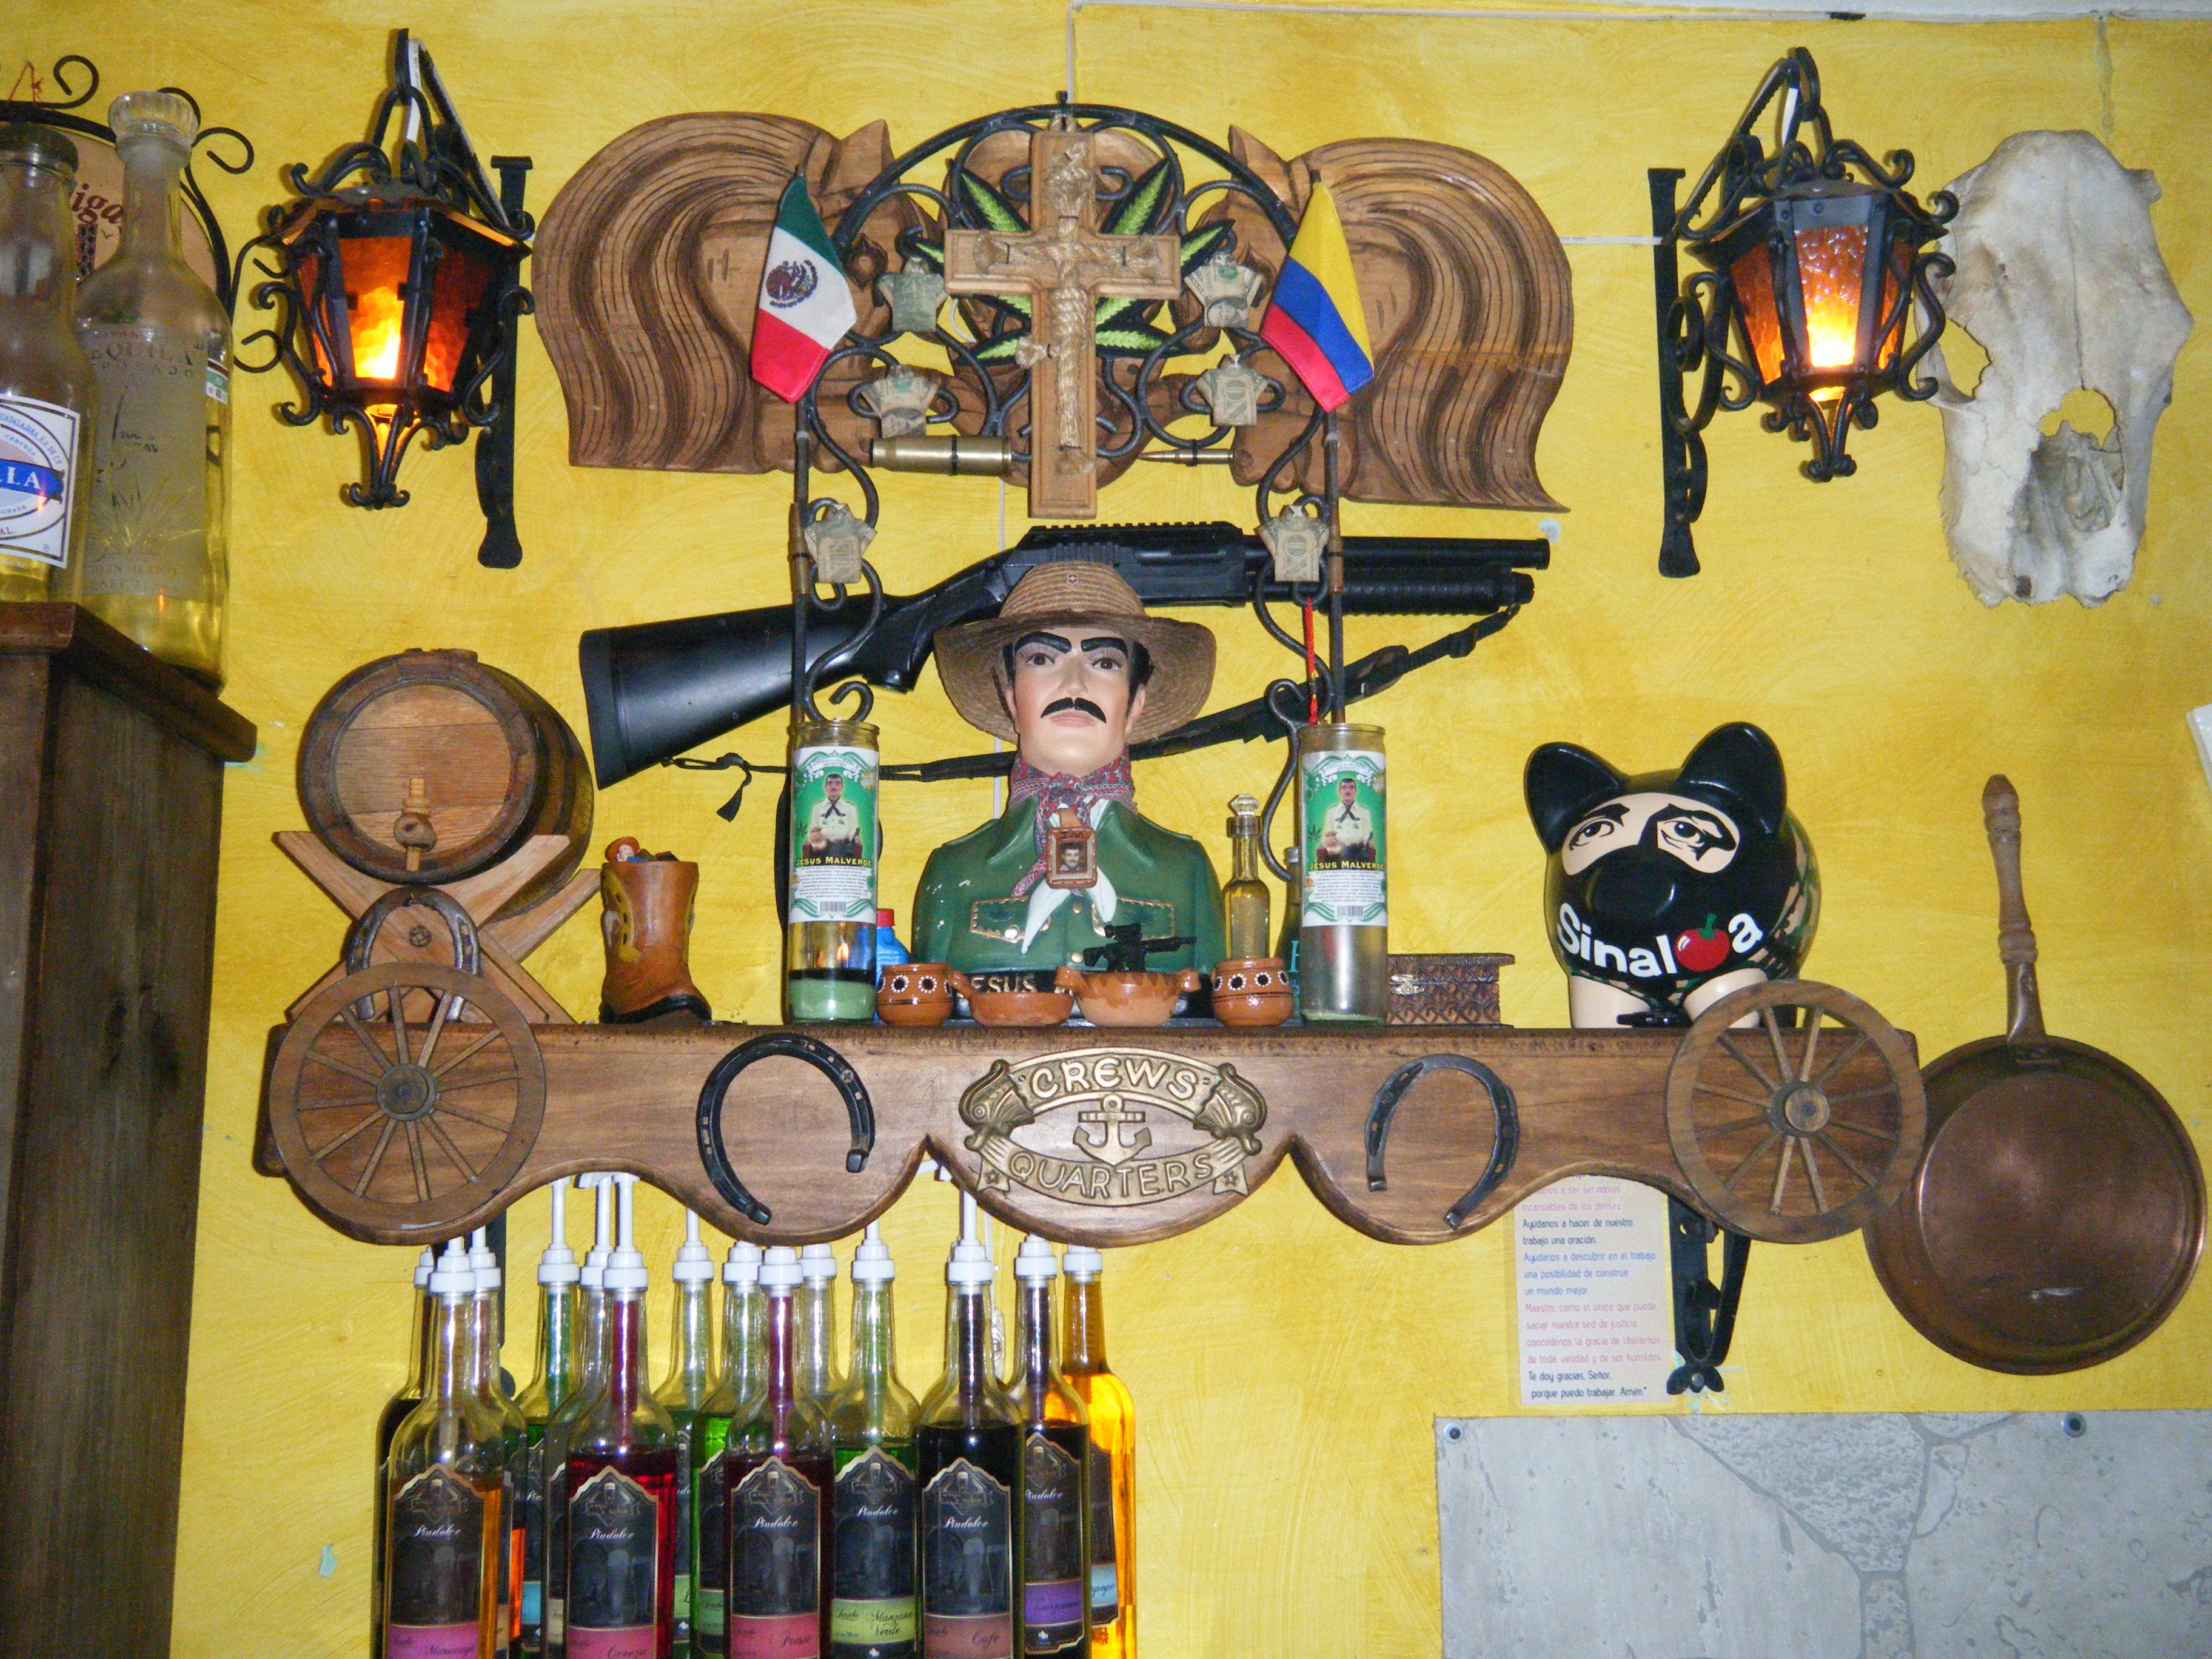 El Patron Mexican Restaurant Rockland Ny